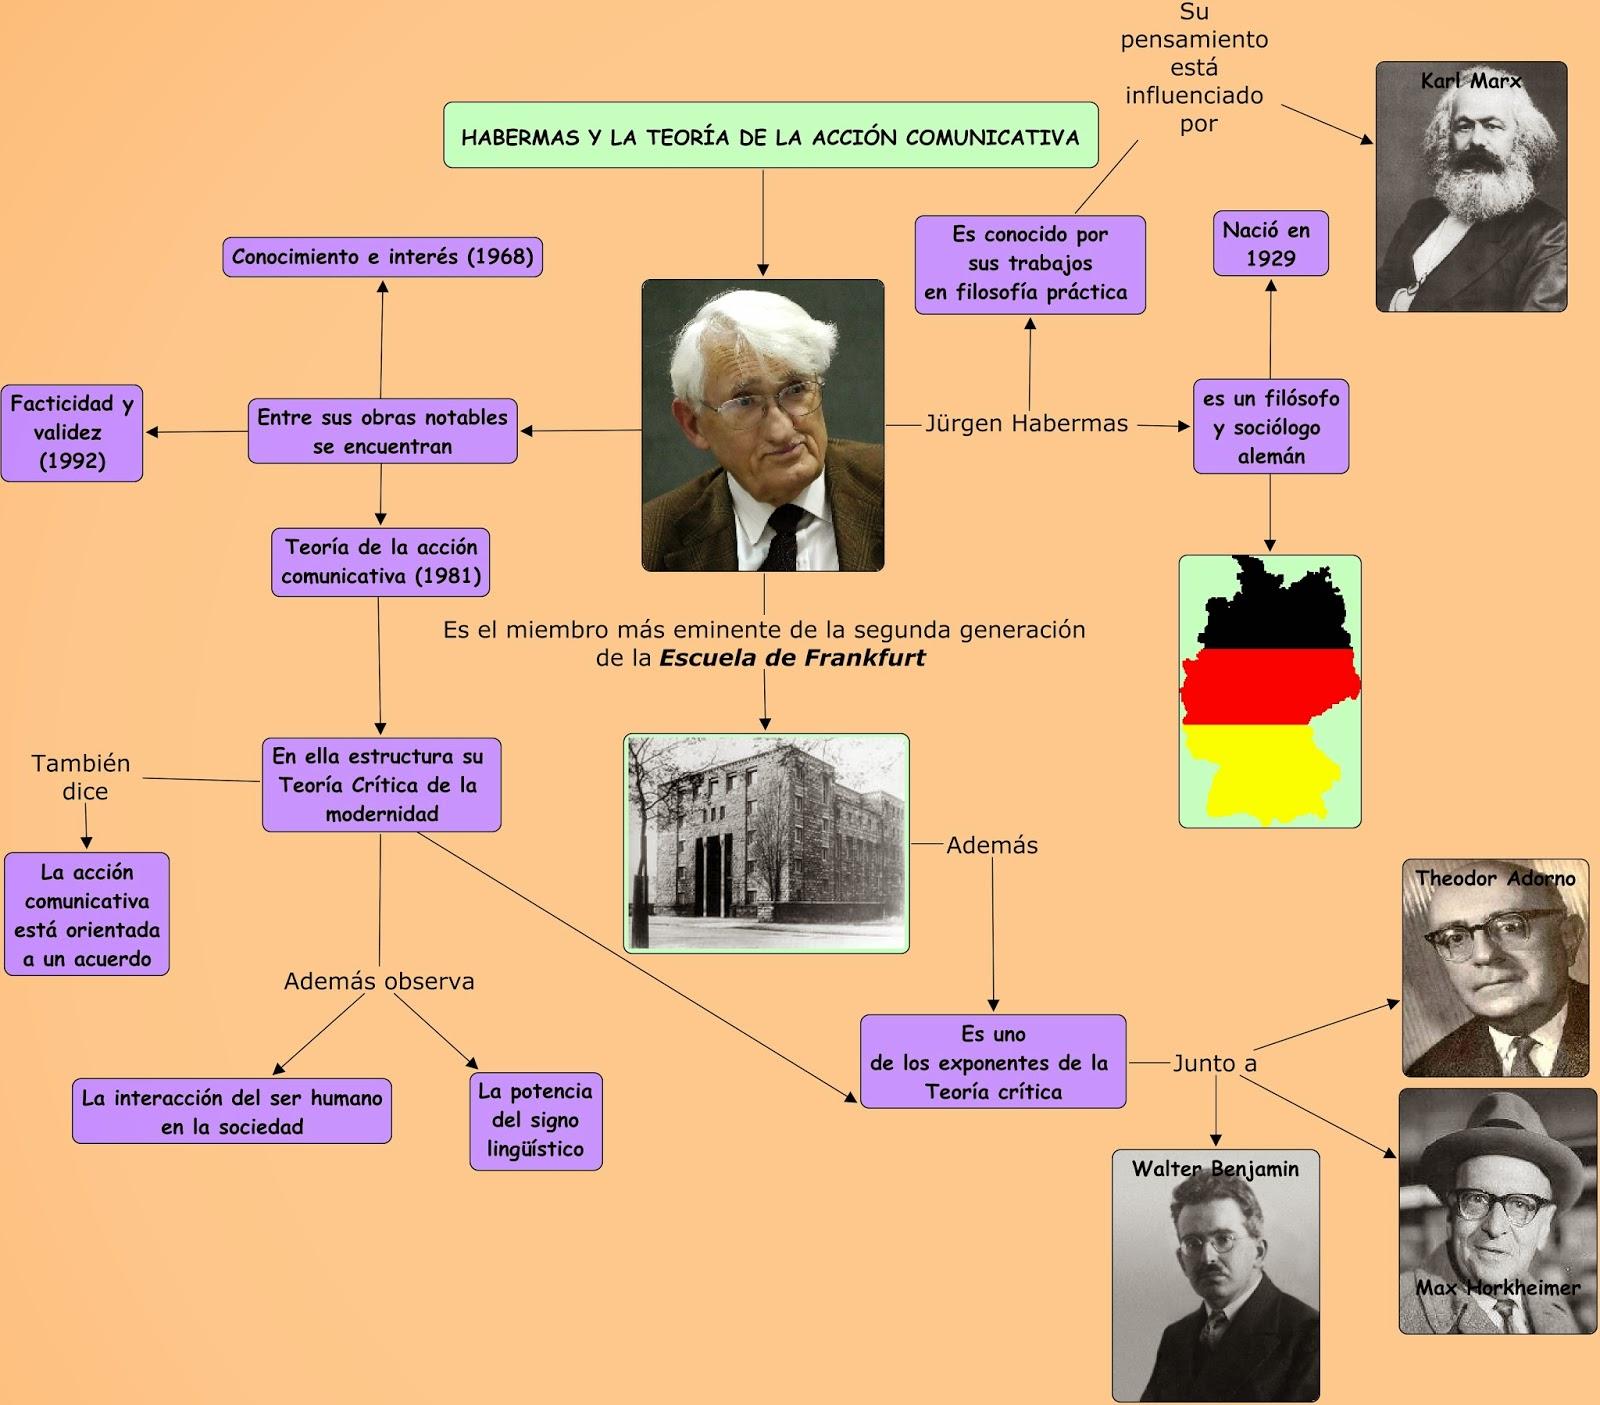 Teorias De La Comunicacion Mapa Conceptual 9 Habermas Y La